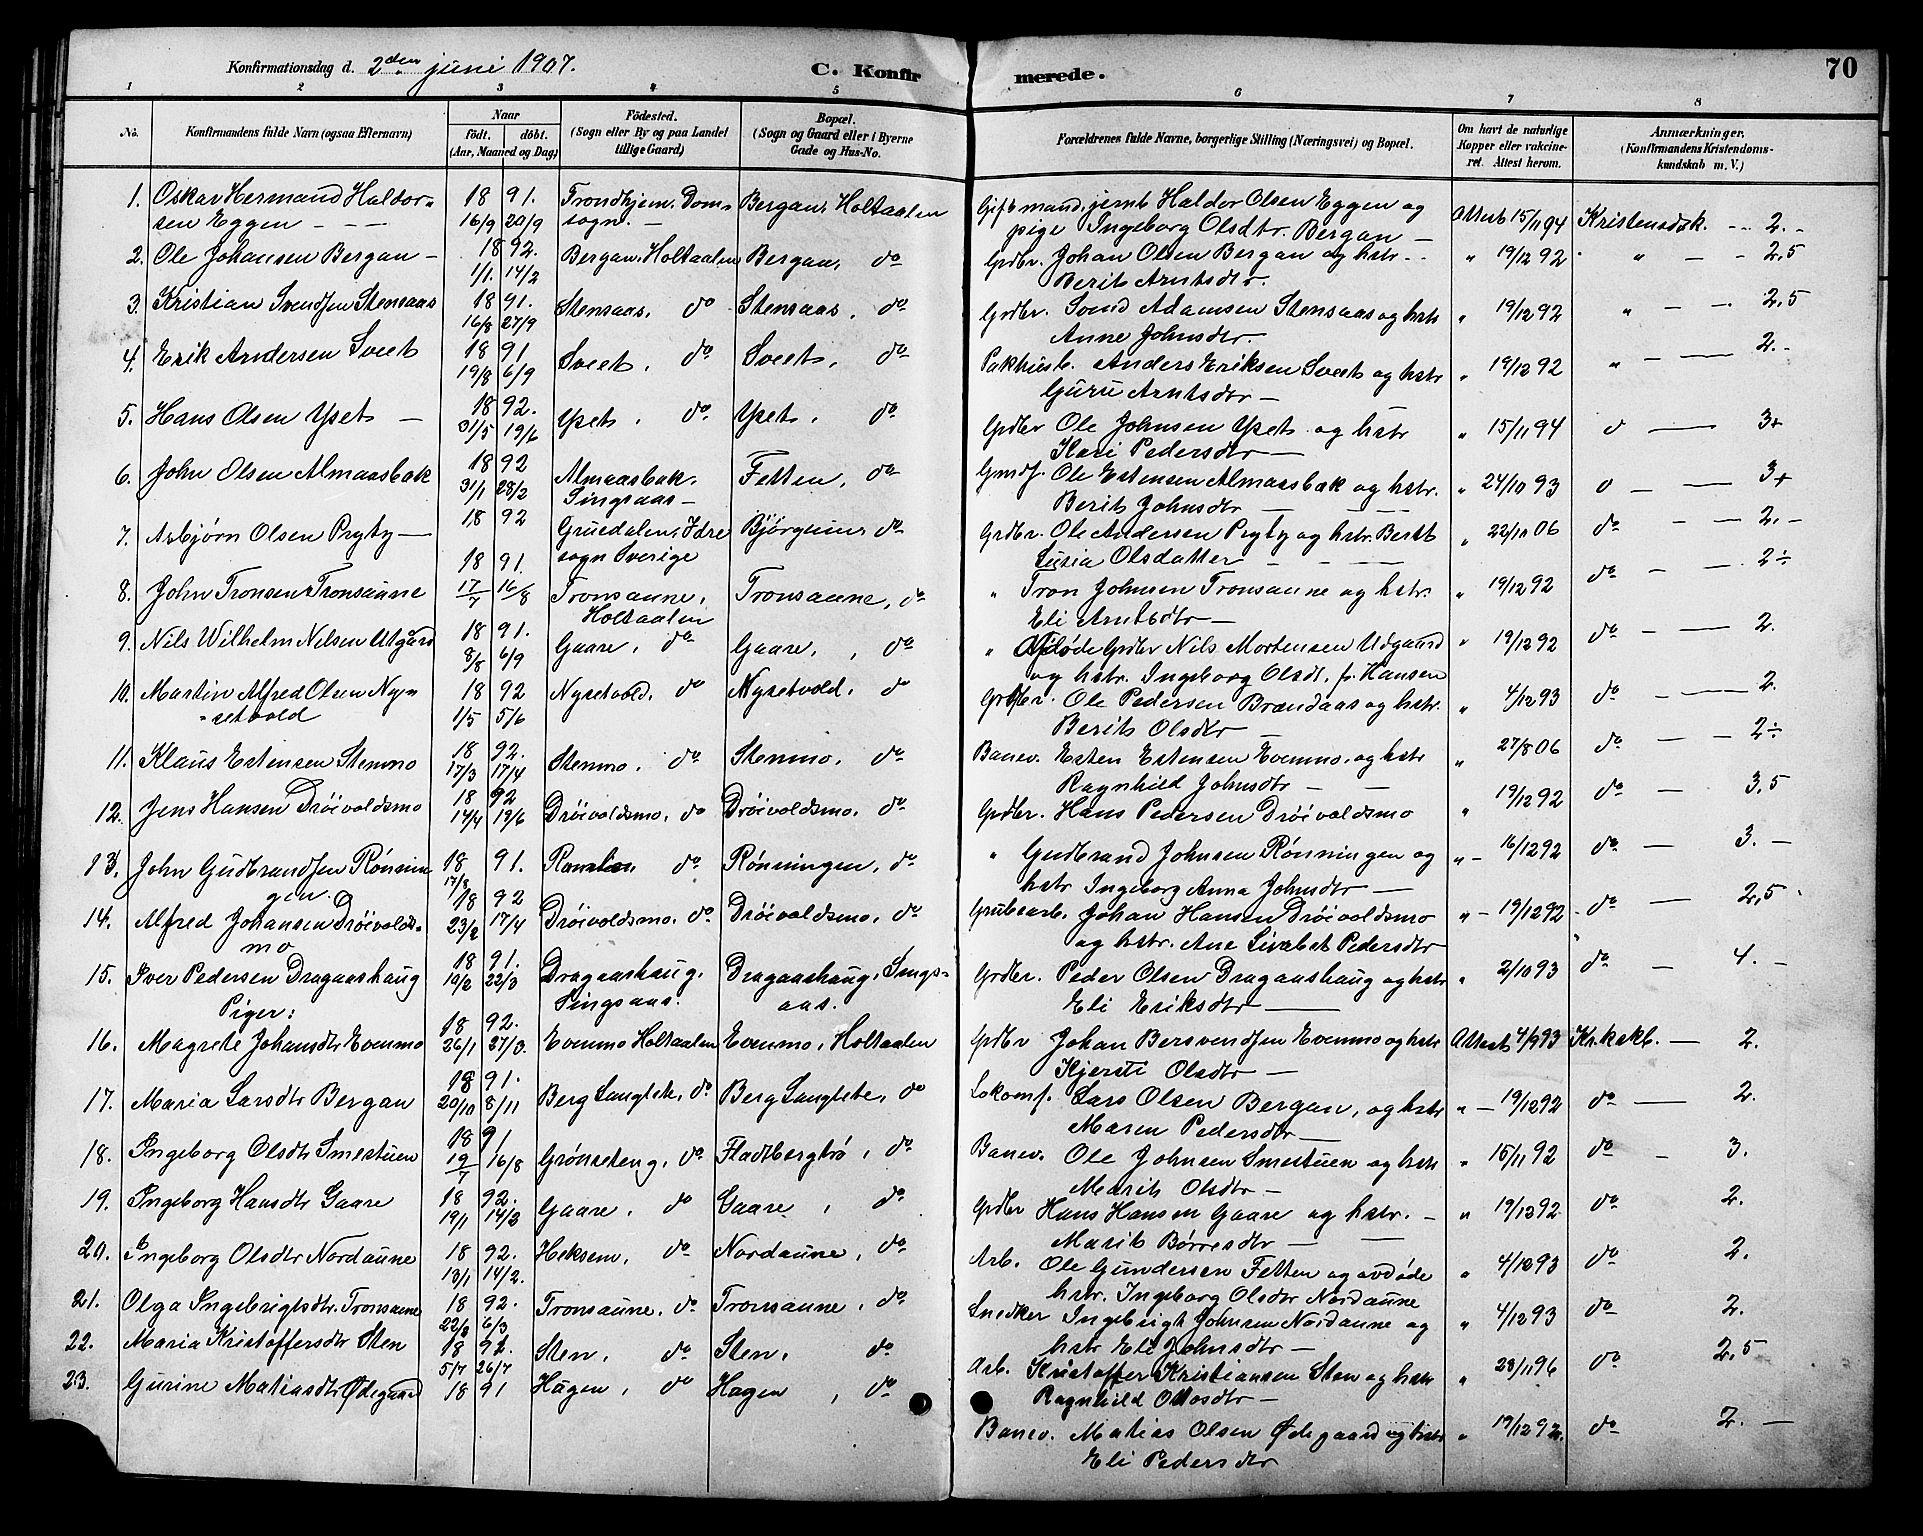 SAT, Ministerialprotokoller, klokkerbøker og fødselsregistre - Sør-Trøndelag, 685/L0978: Klokkerbok nr. 685C03, 1891-1907, s. 70